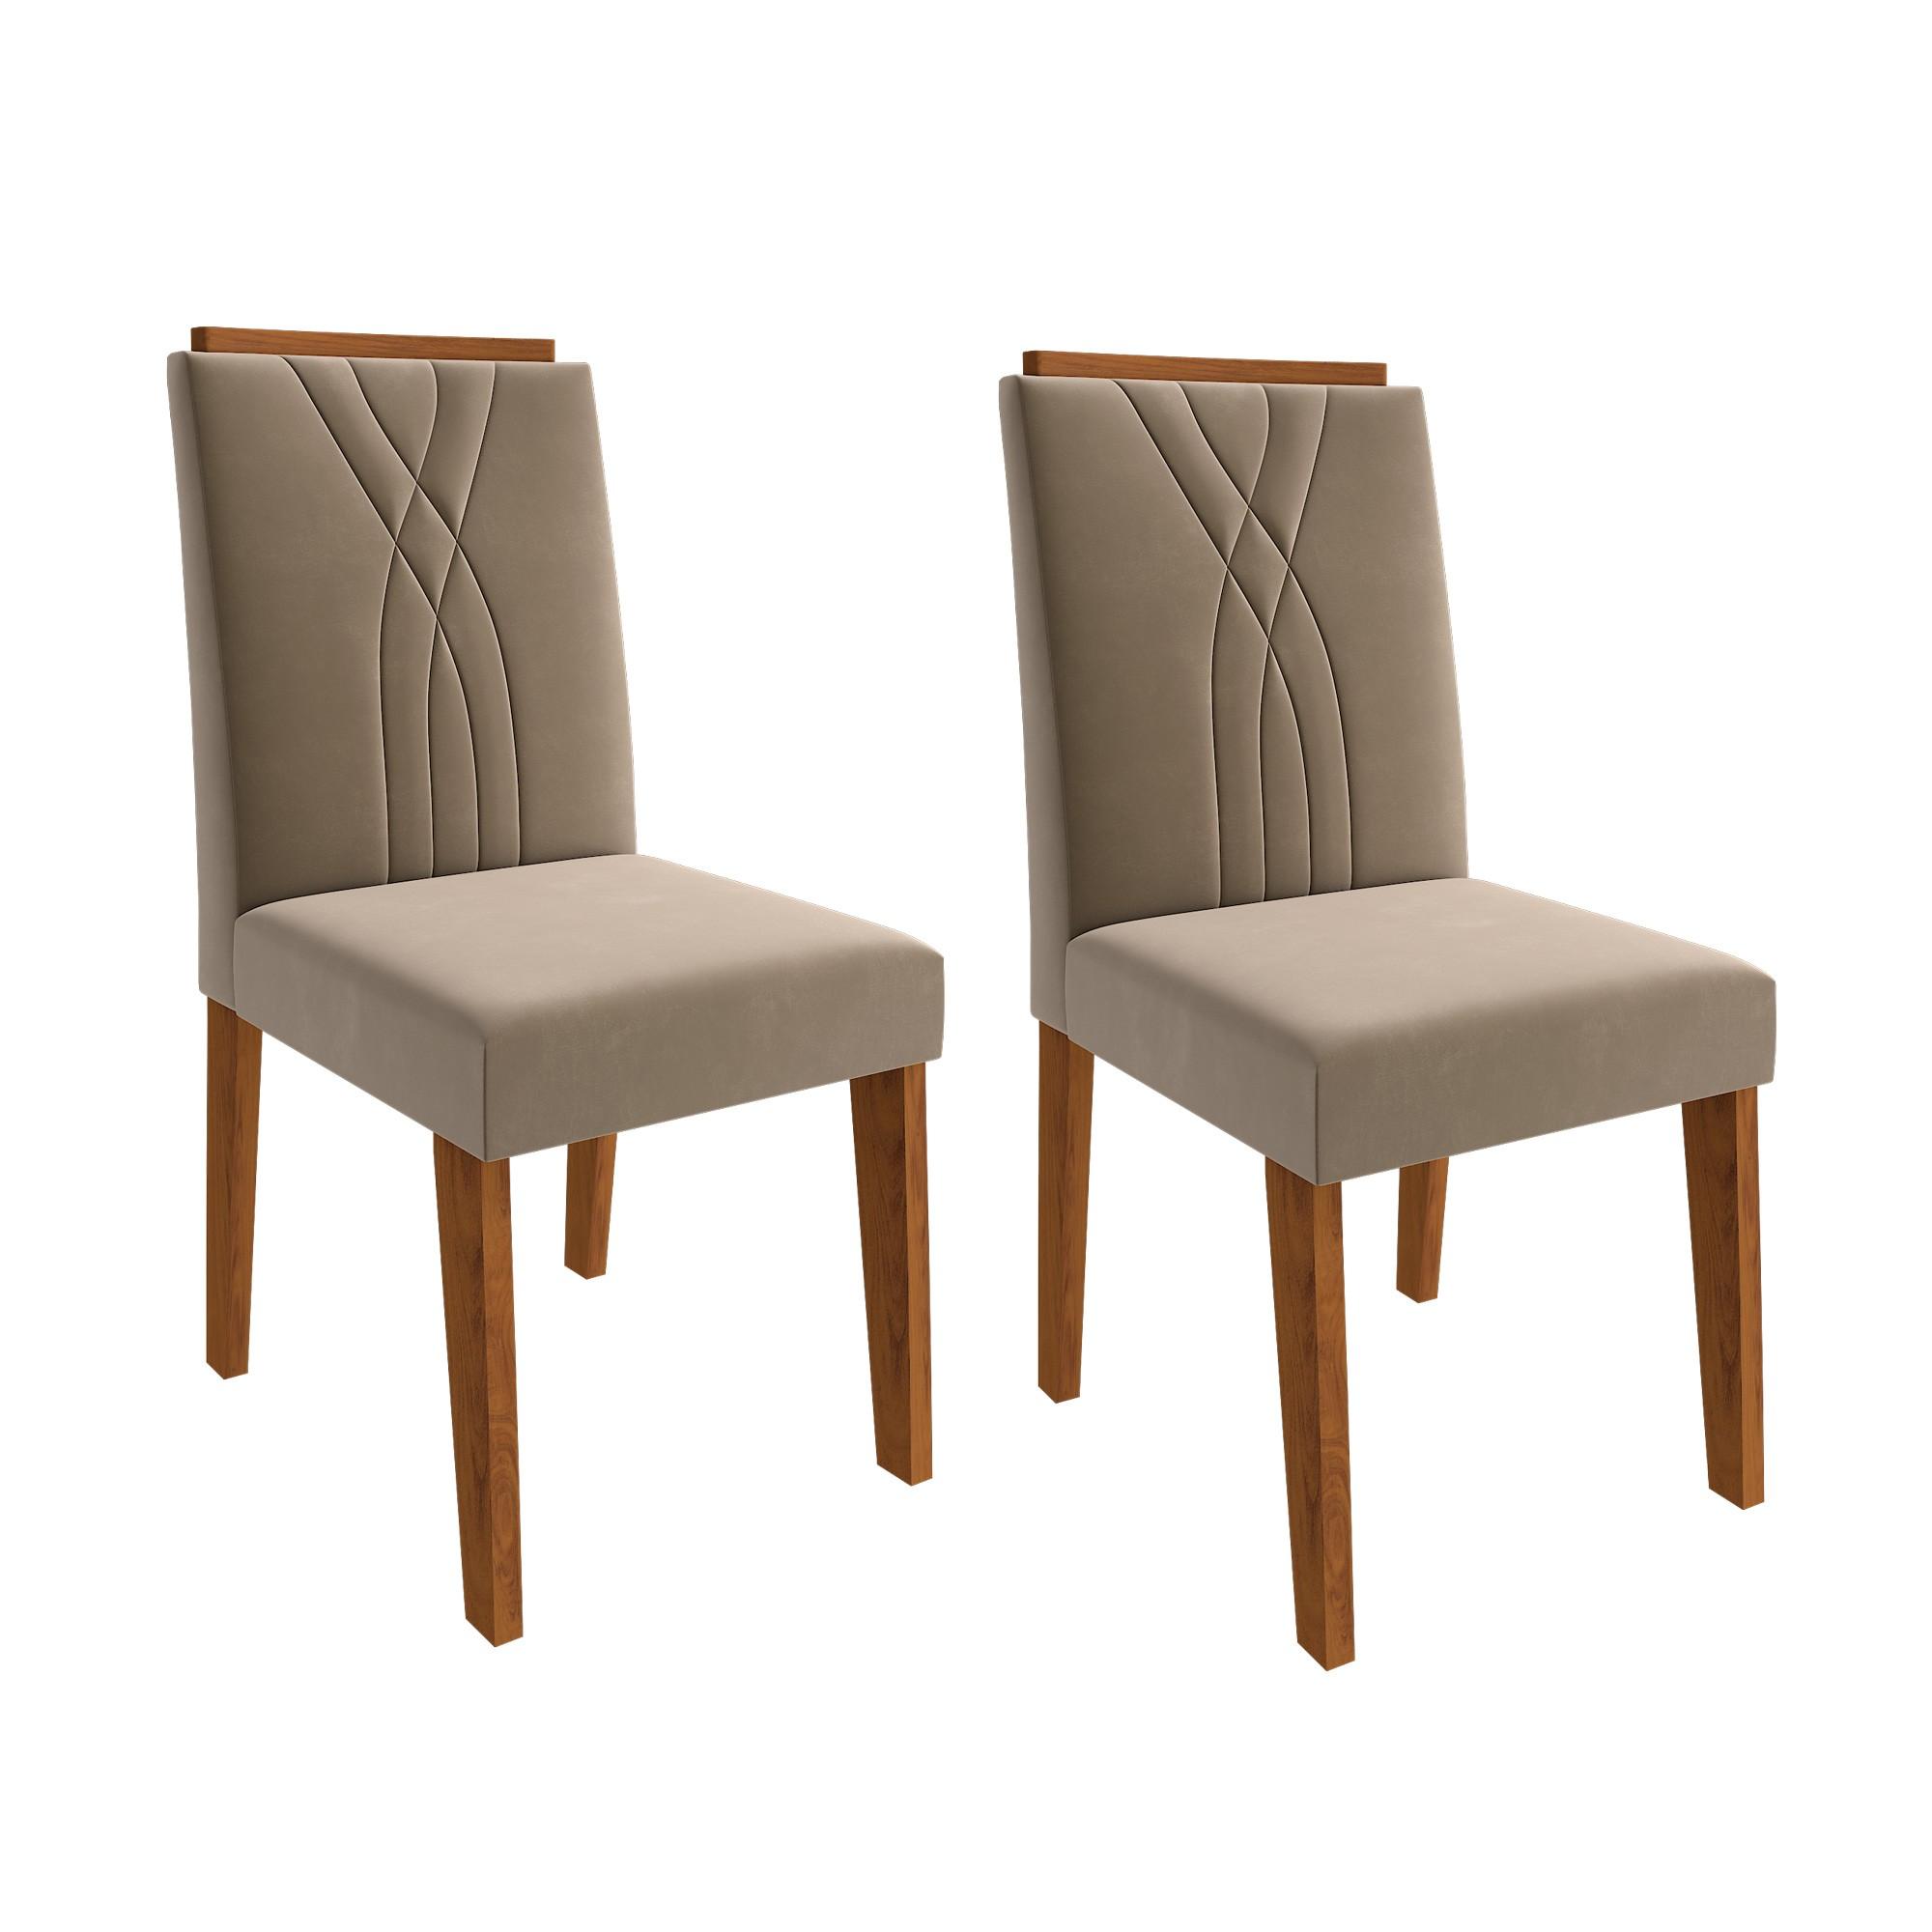 Cadeiras de MDF para Sala de Jantar 02 Pçs Nicole Cimol Savana/New Claro 03 FORA DE LINHA